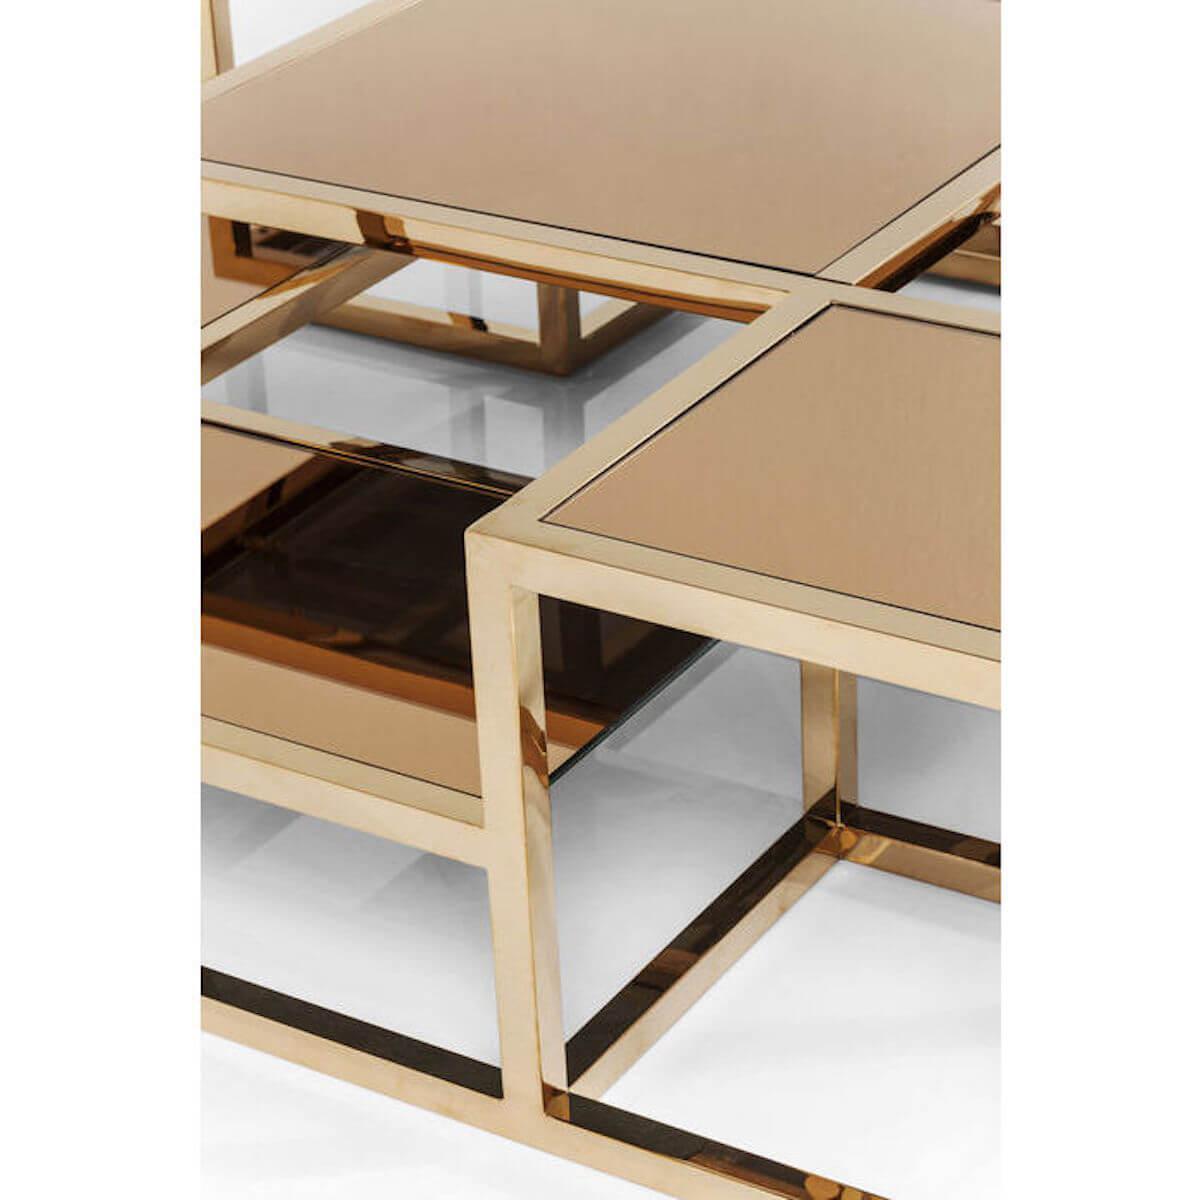 Table basse 120x120cm STEPS Kare Design or